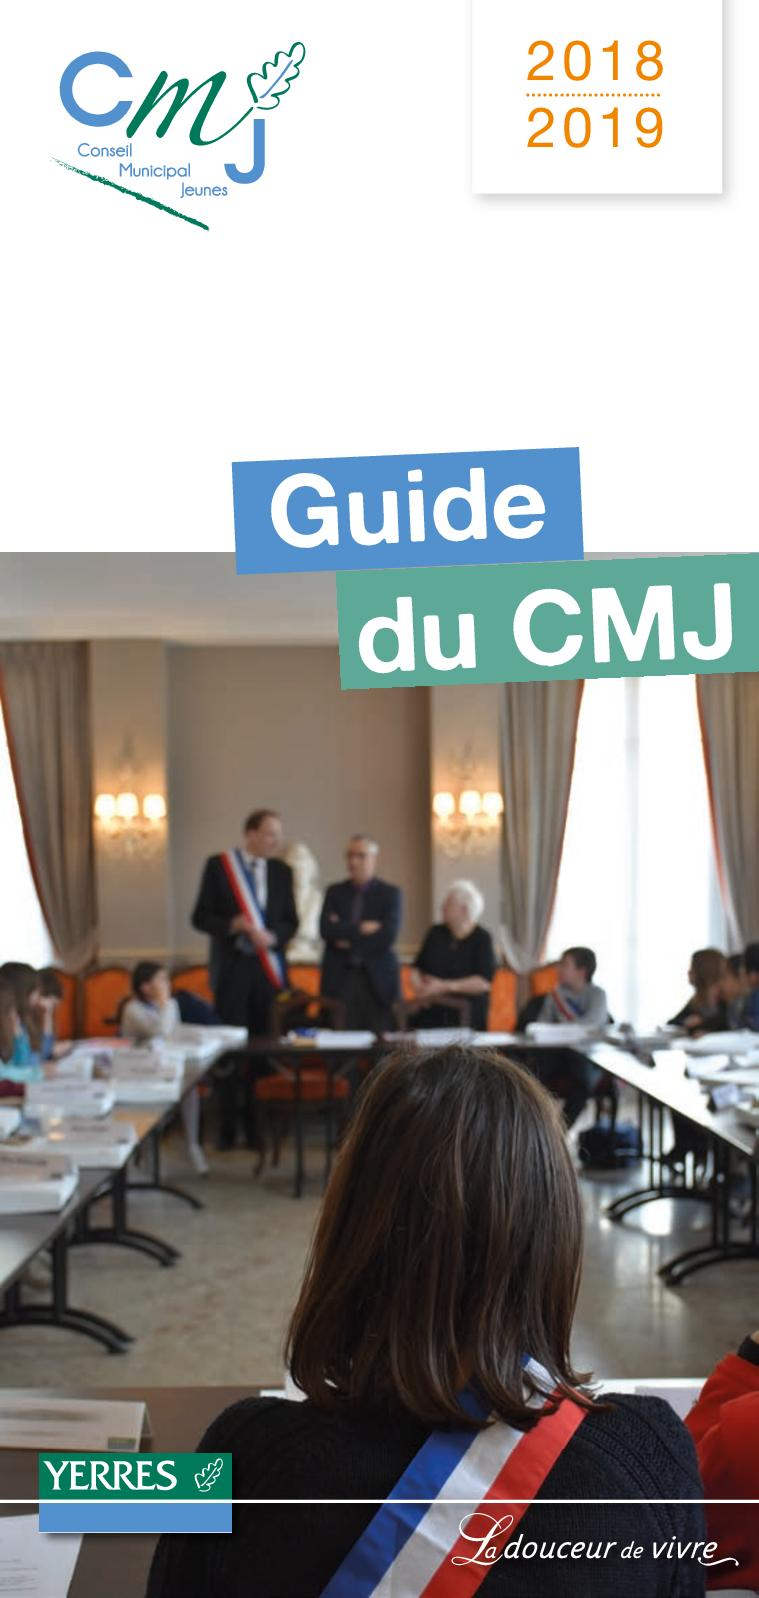 Guide CMJ 2018-2019